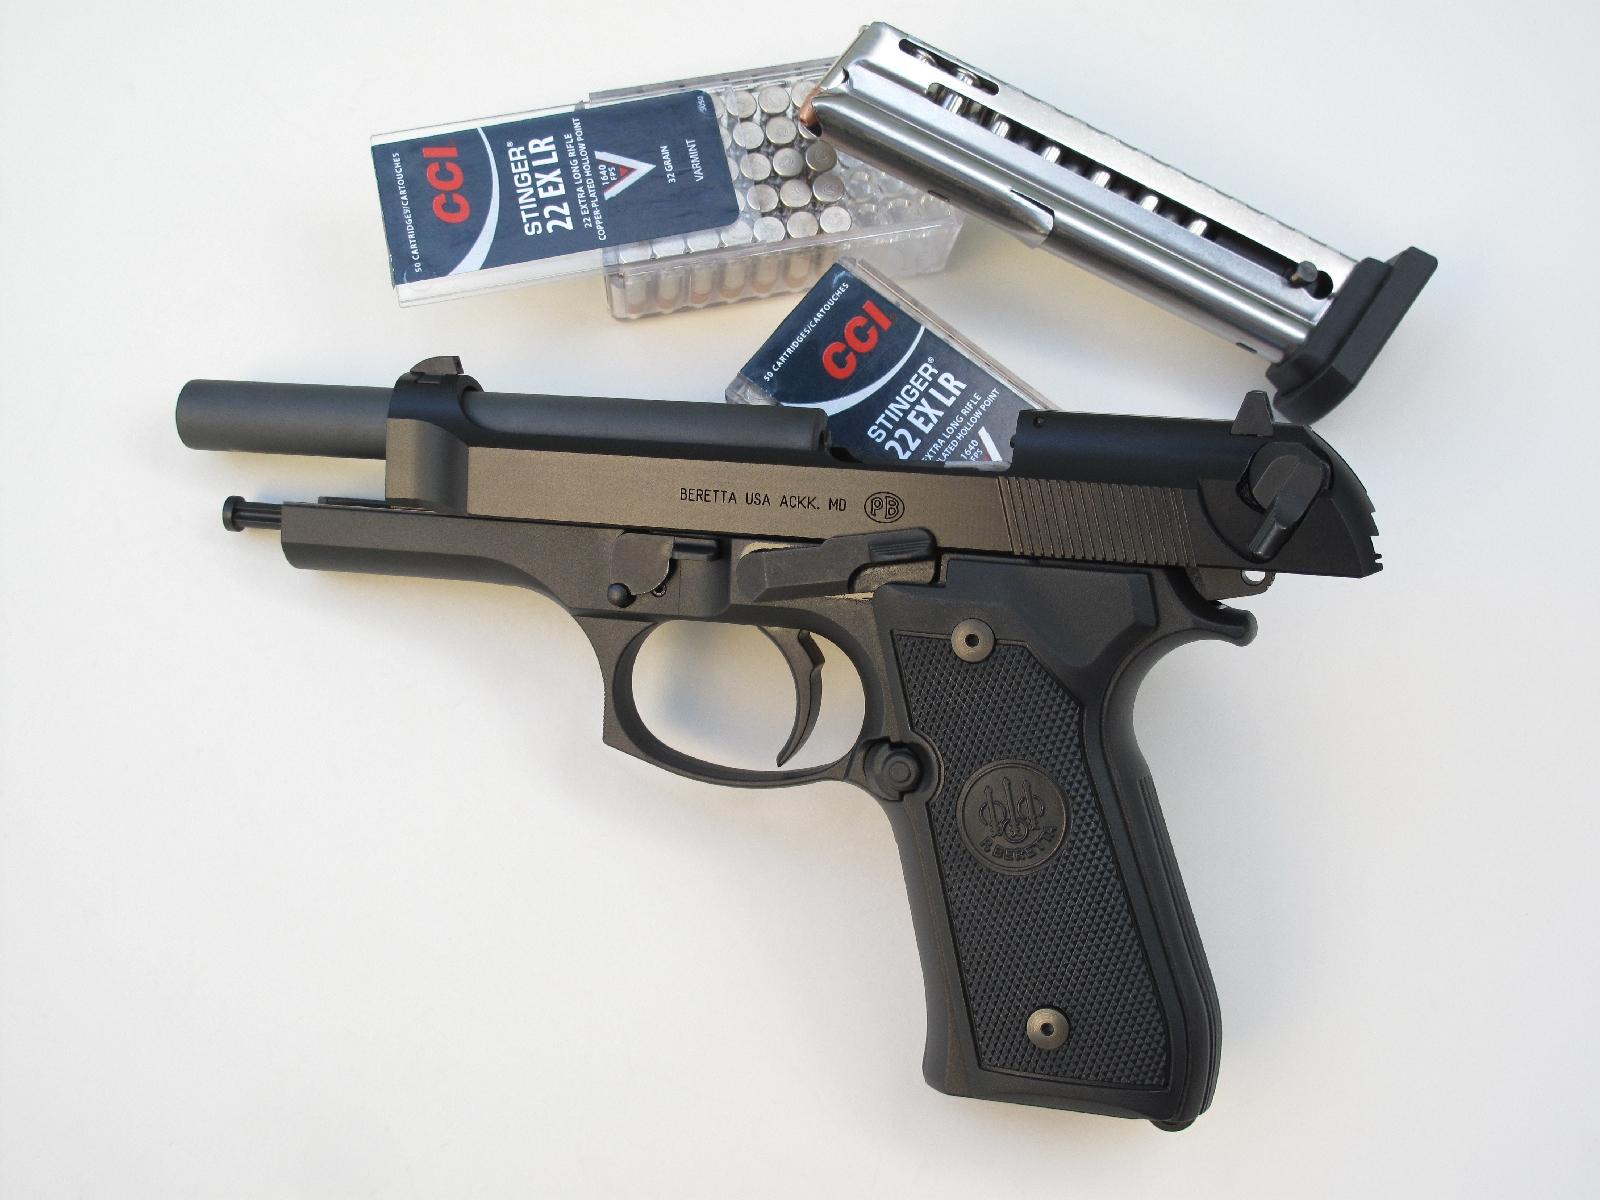 L'un des principaux attraits de ce pistolet semi-automatique à percussion annulaire réside dans la capacité de son chargeur qui accueille quinze cartouches emmagasinées sur une simple pile.